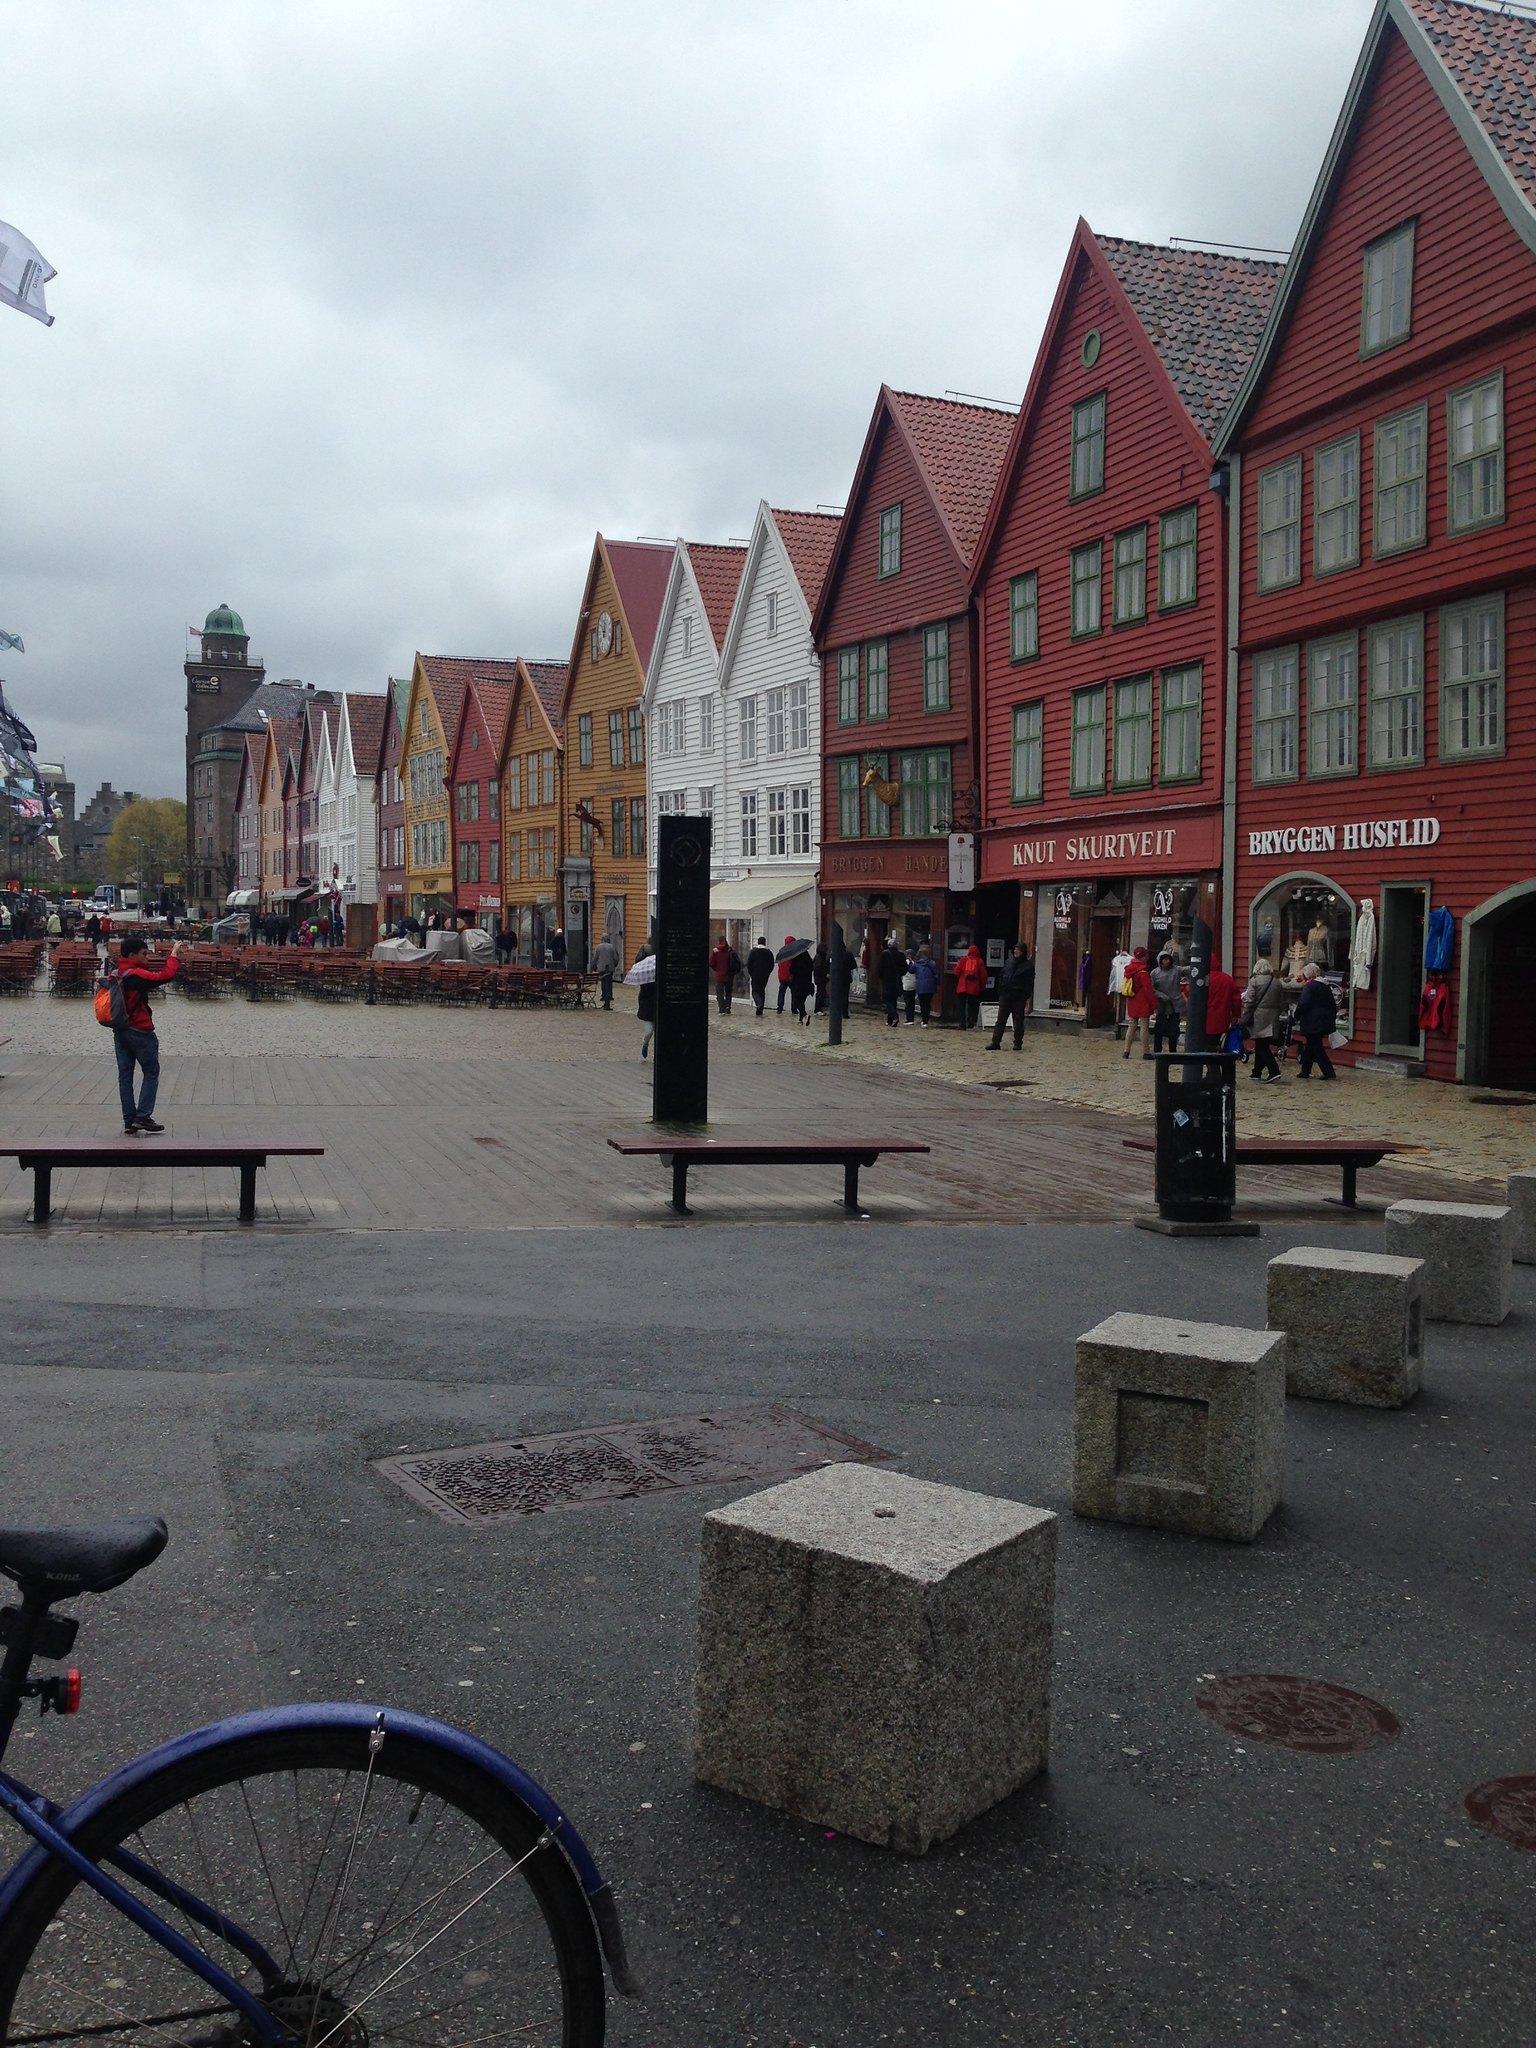 Bergen (from the Little Scandinavian Diary)